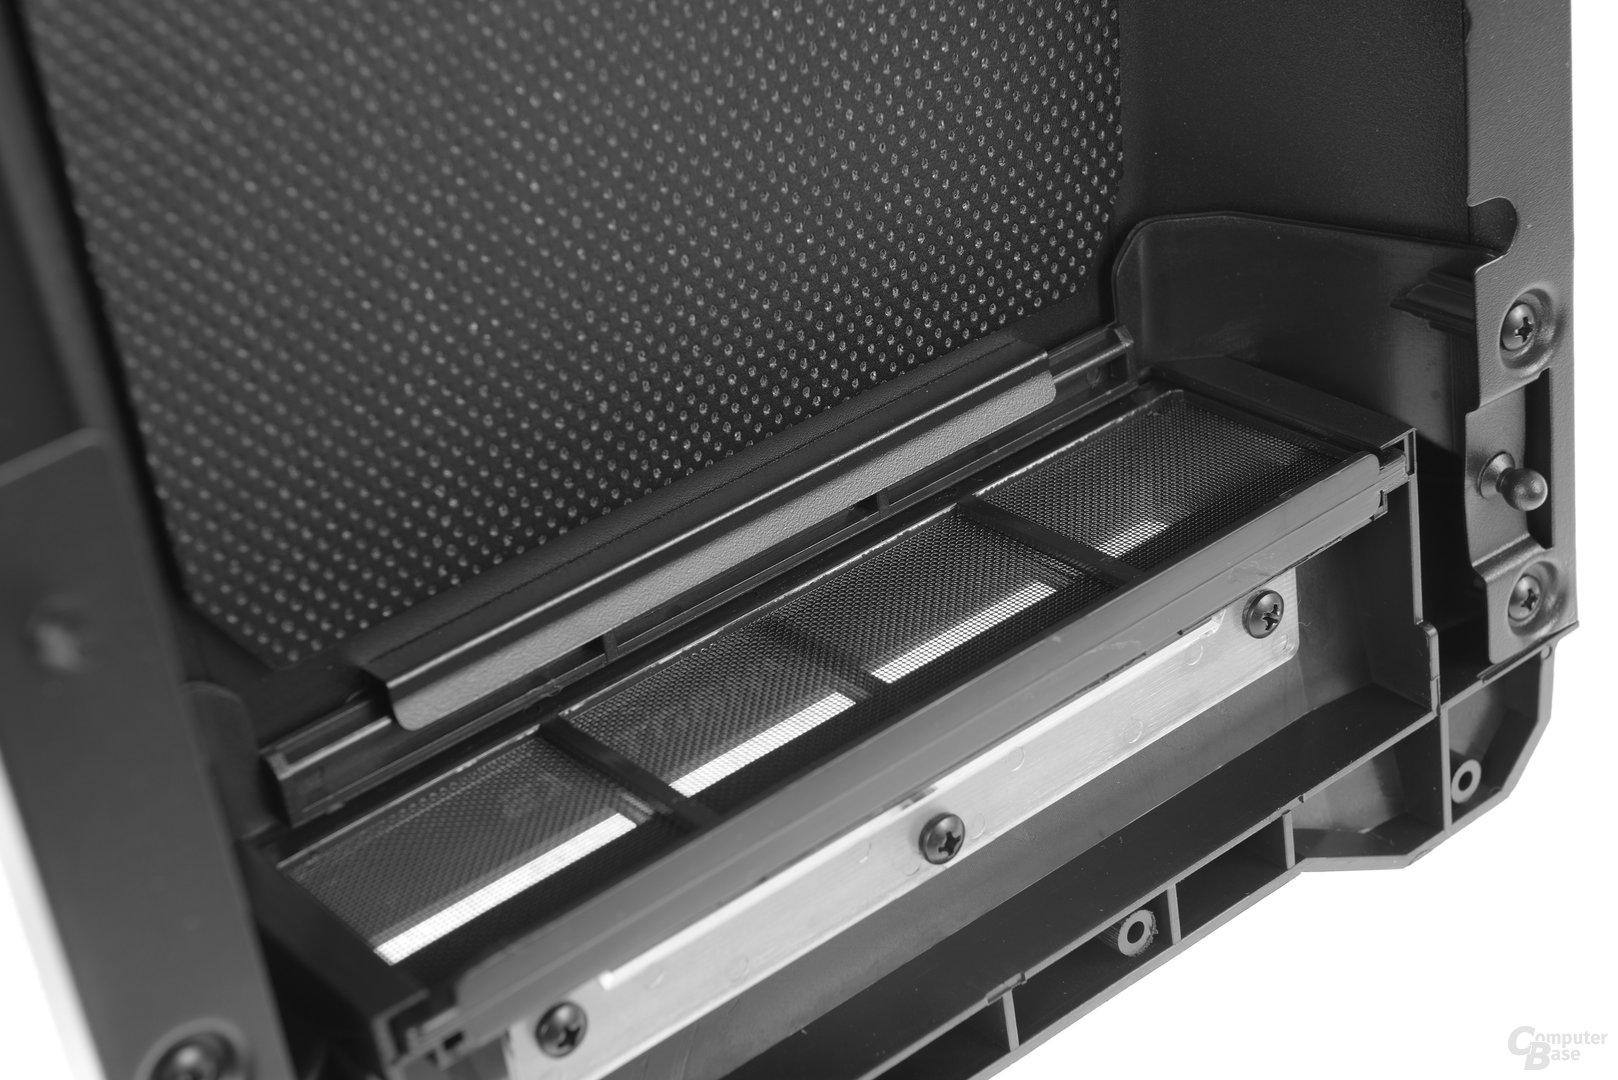 Phanteks Eclipse P400S – Schalldämmung und Staubfilter in der Front